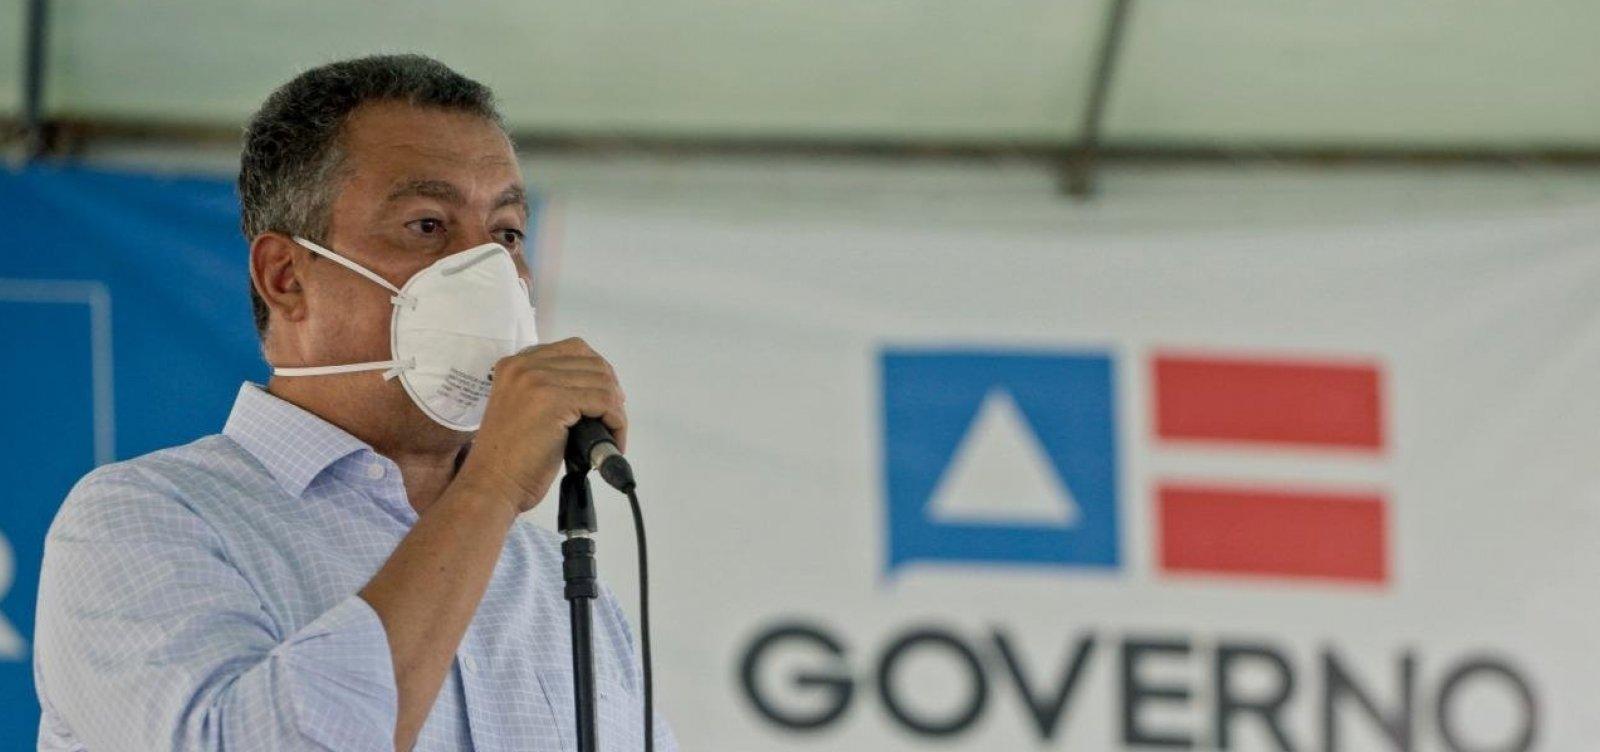 Governador anuncia redução de até 5% no IPVA em 2021